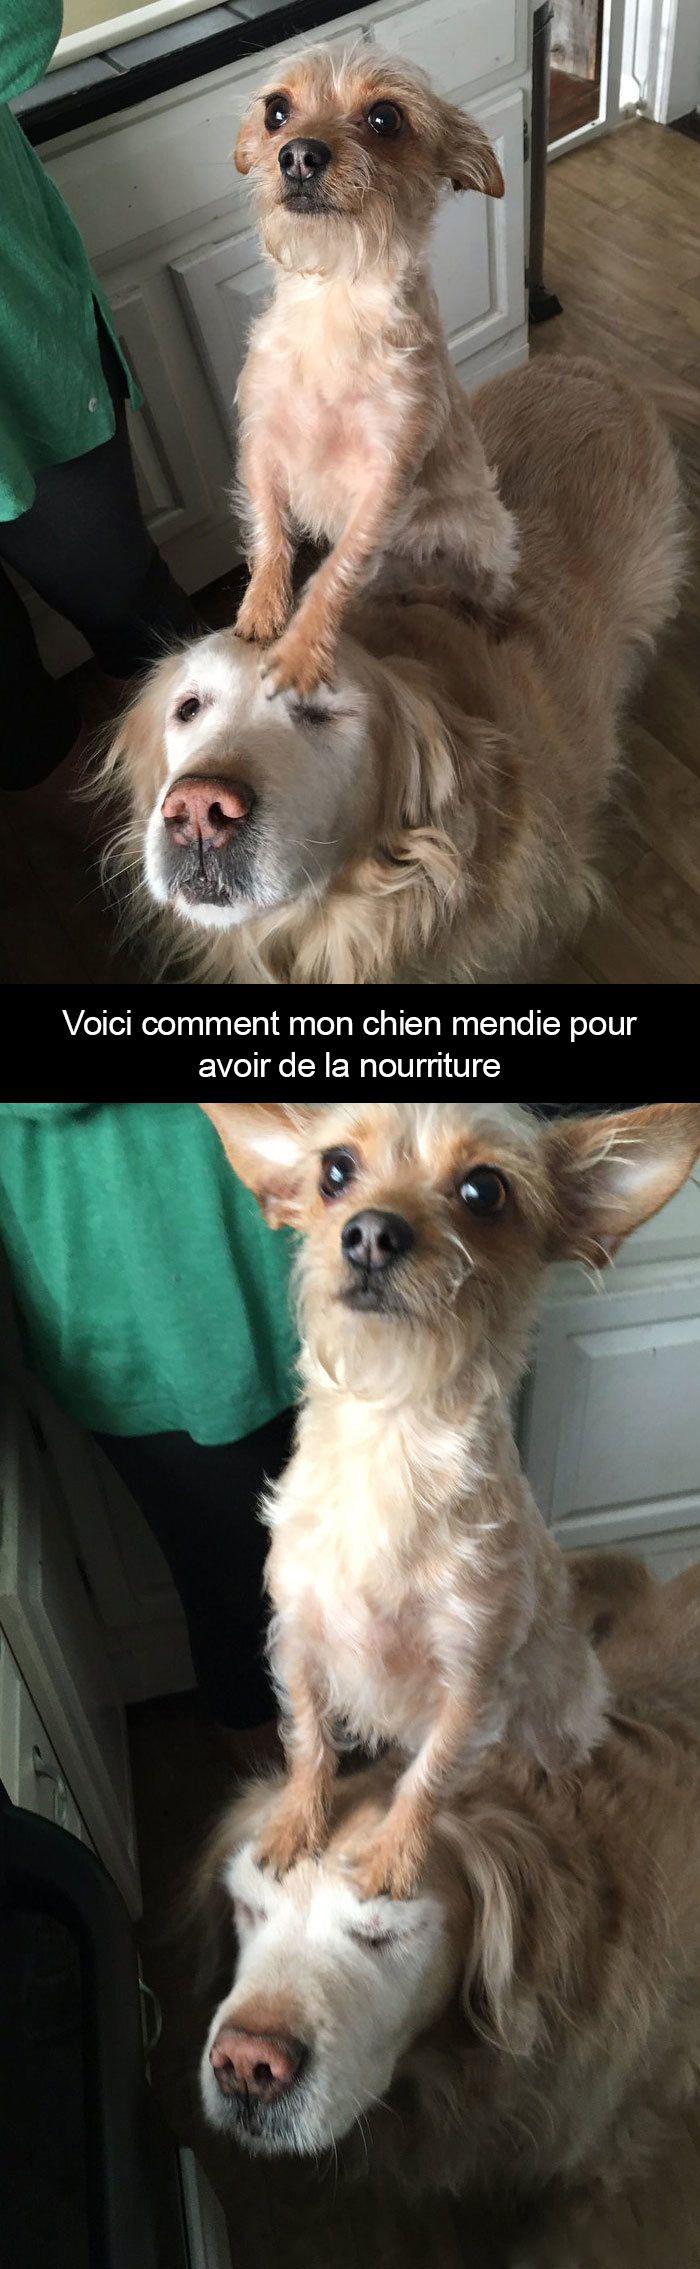 22 photos de chiens avec des légendes hilarantes qui vont vous faire rire (partie 5)